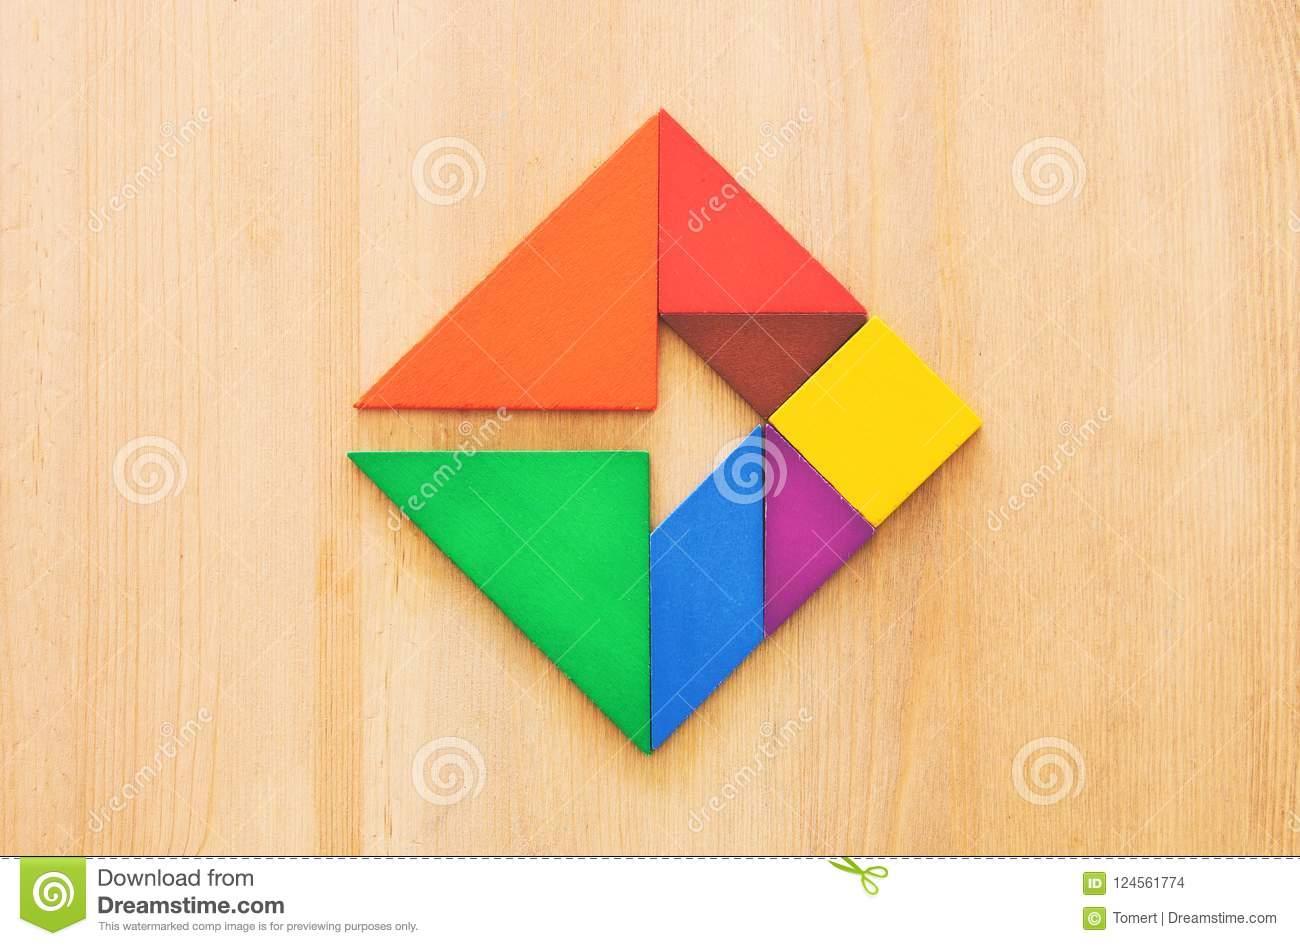 Un Morceau Absent Dans Un Puzzle Carré De Tangram, Au-Dessus destiné Tangram Carré